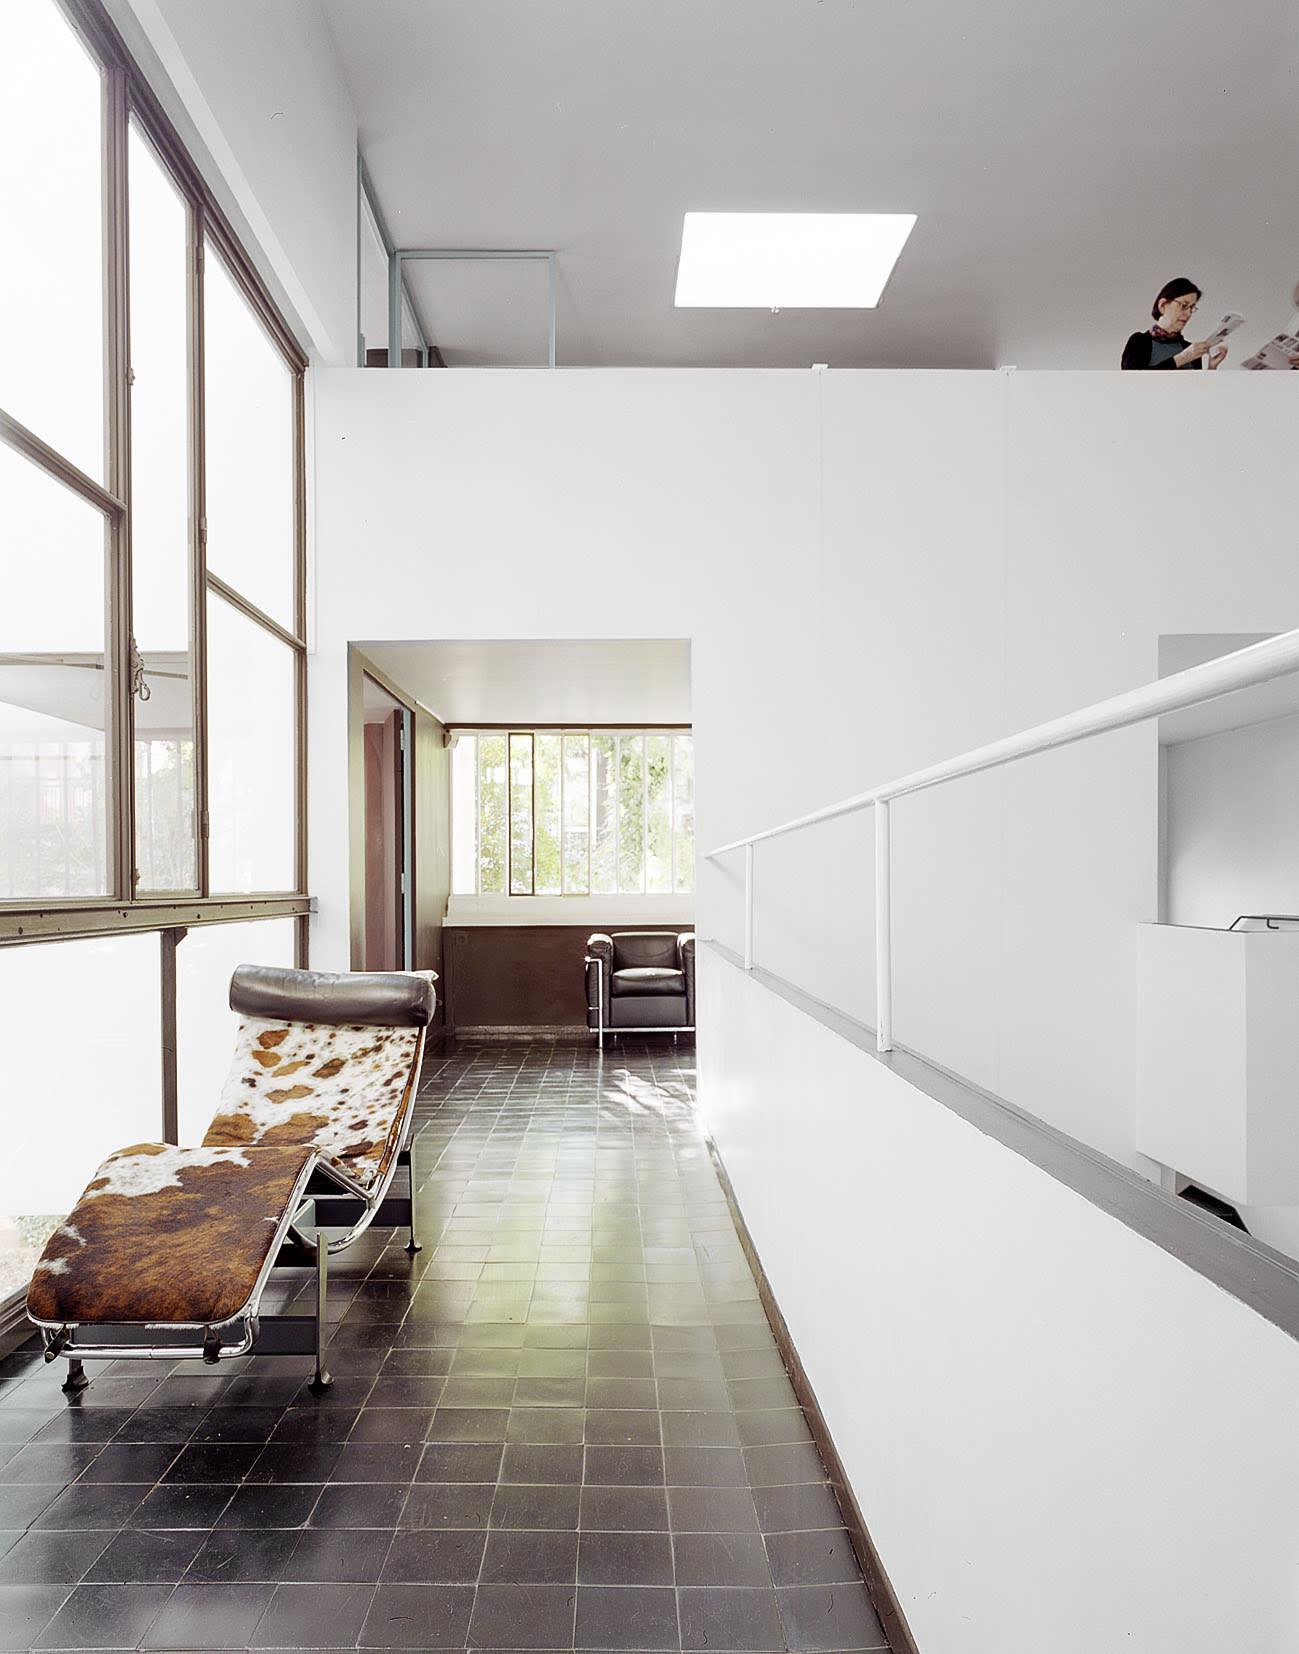 Maison La Roche Corbusier Paris le corbusier, hiepler, brunier, · maison la roche-jeanneret